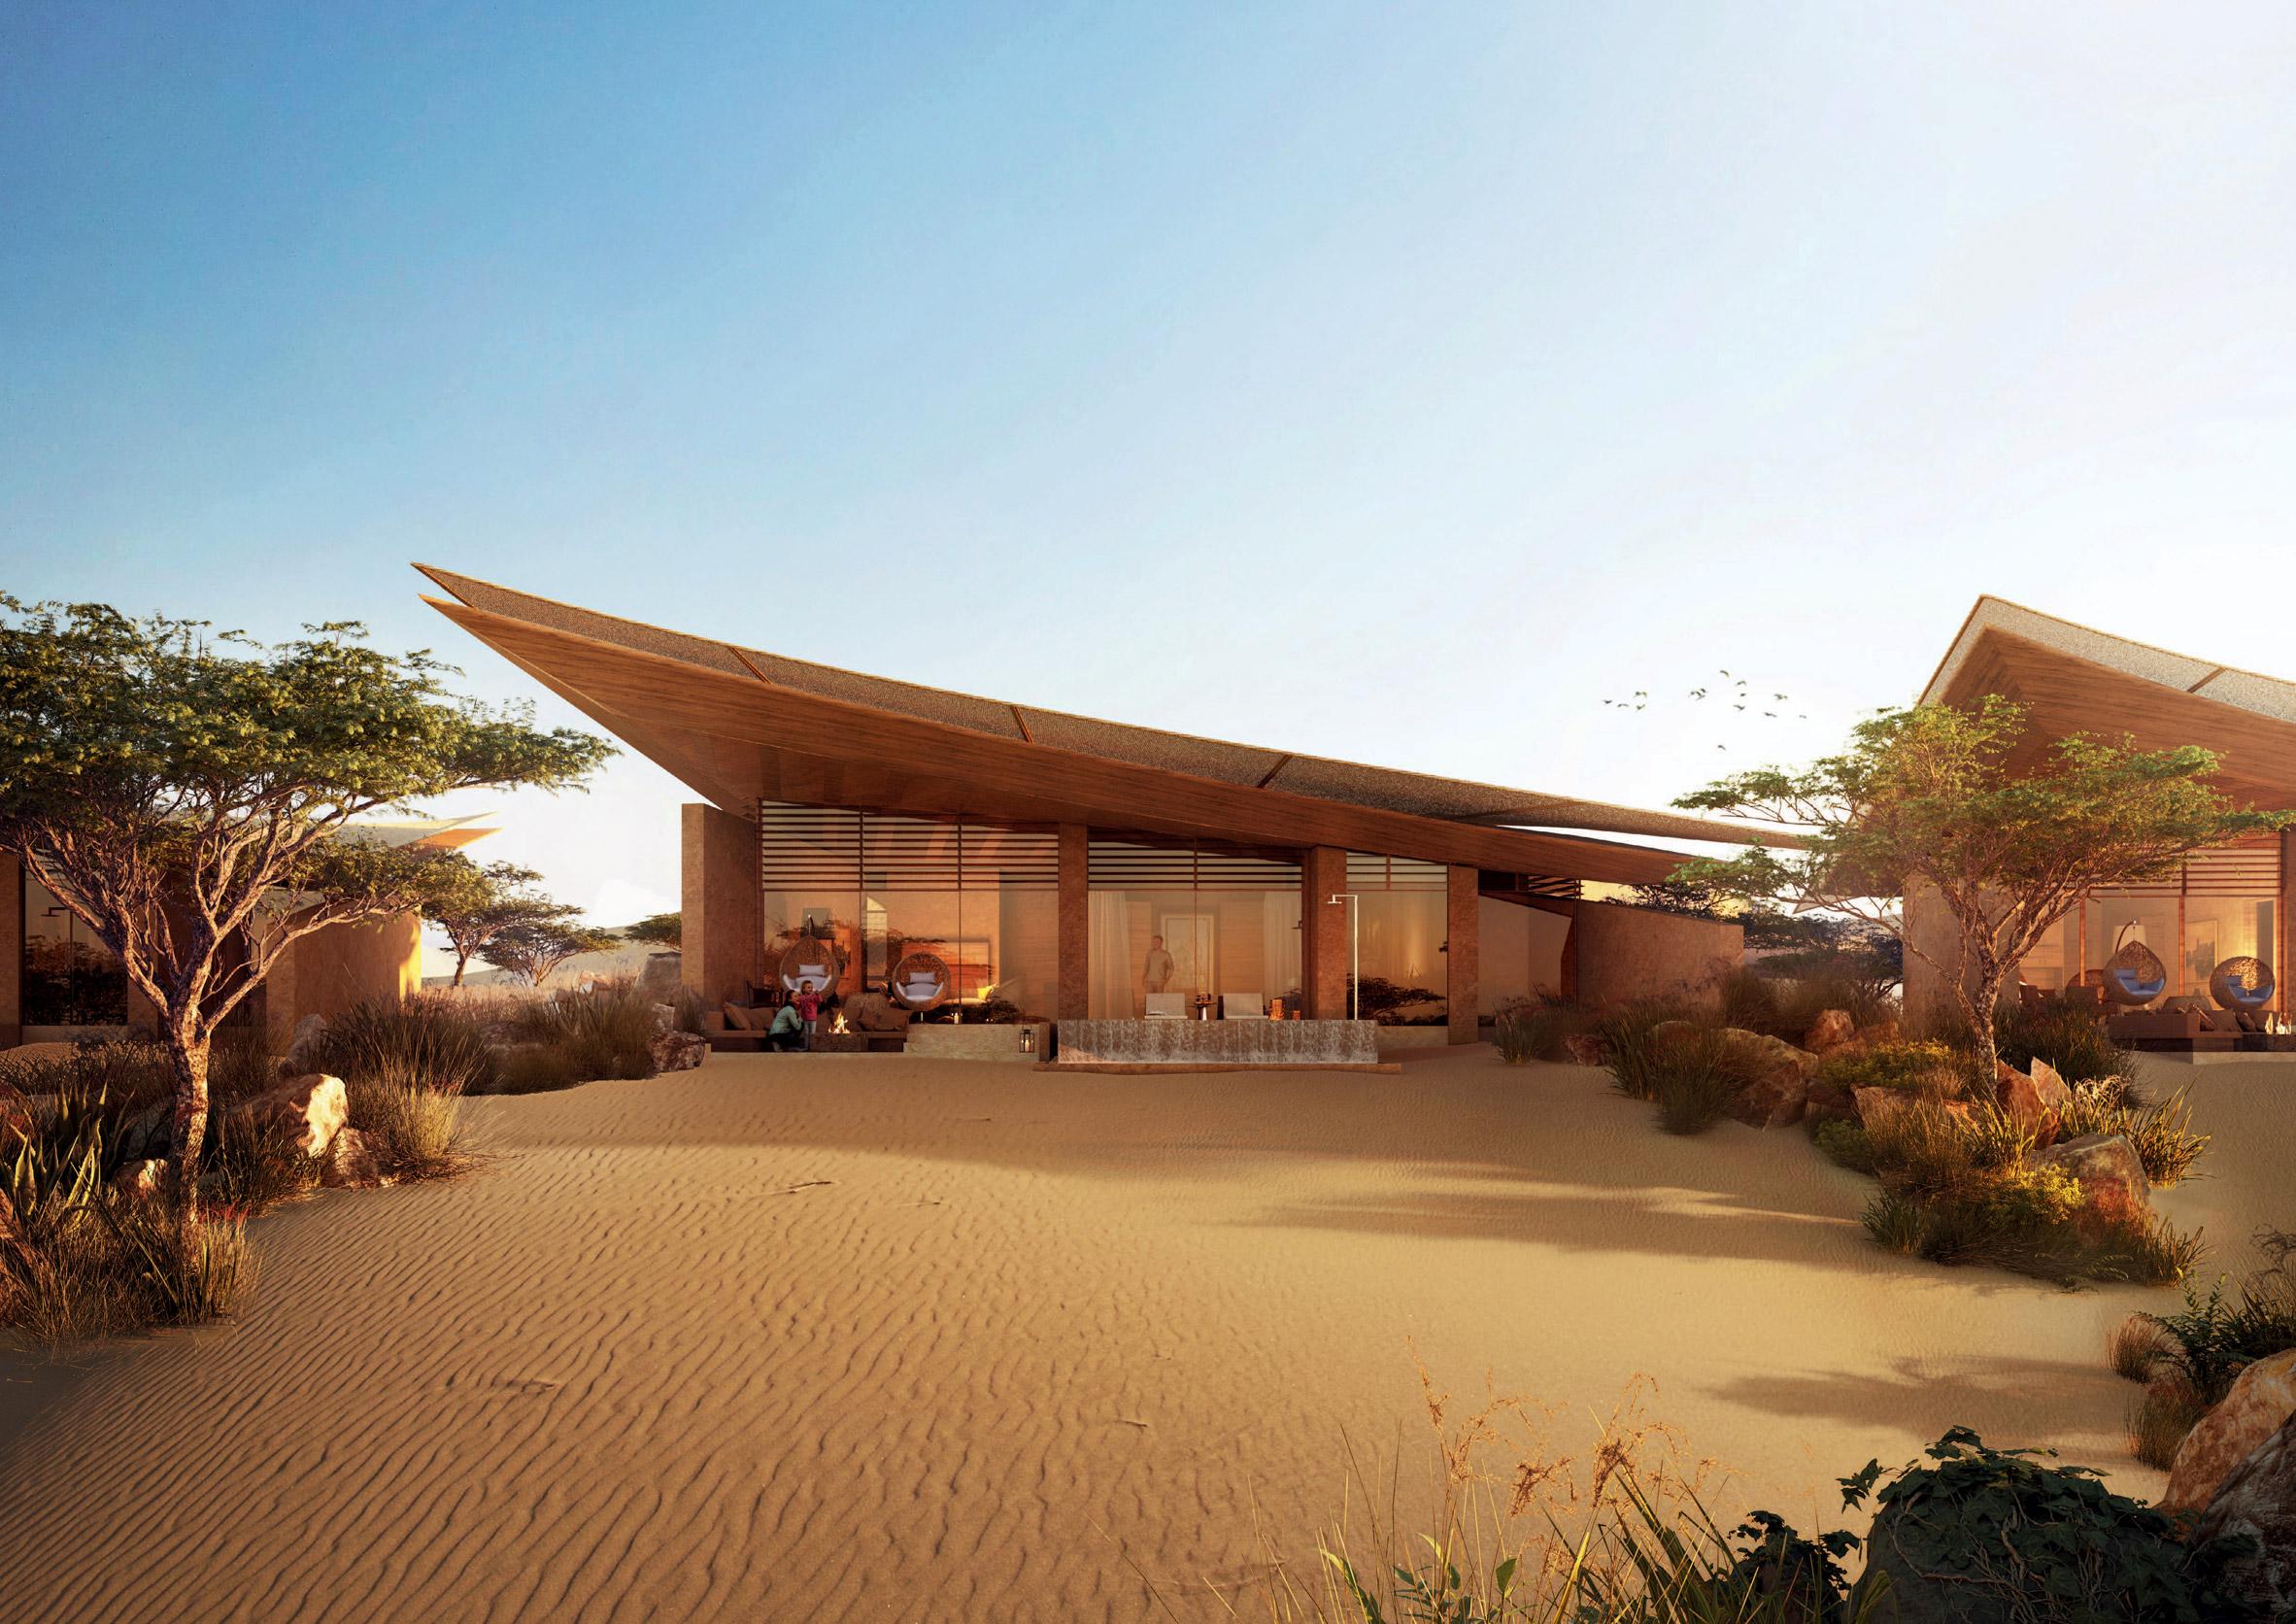 Desert villas